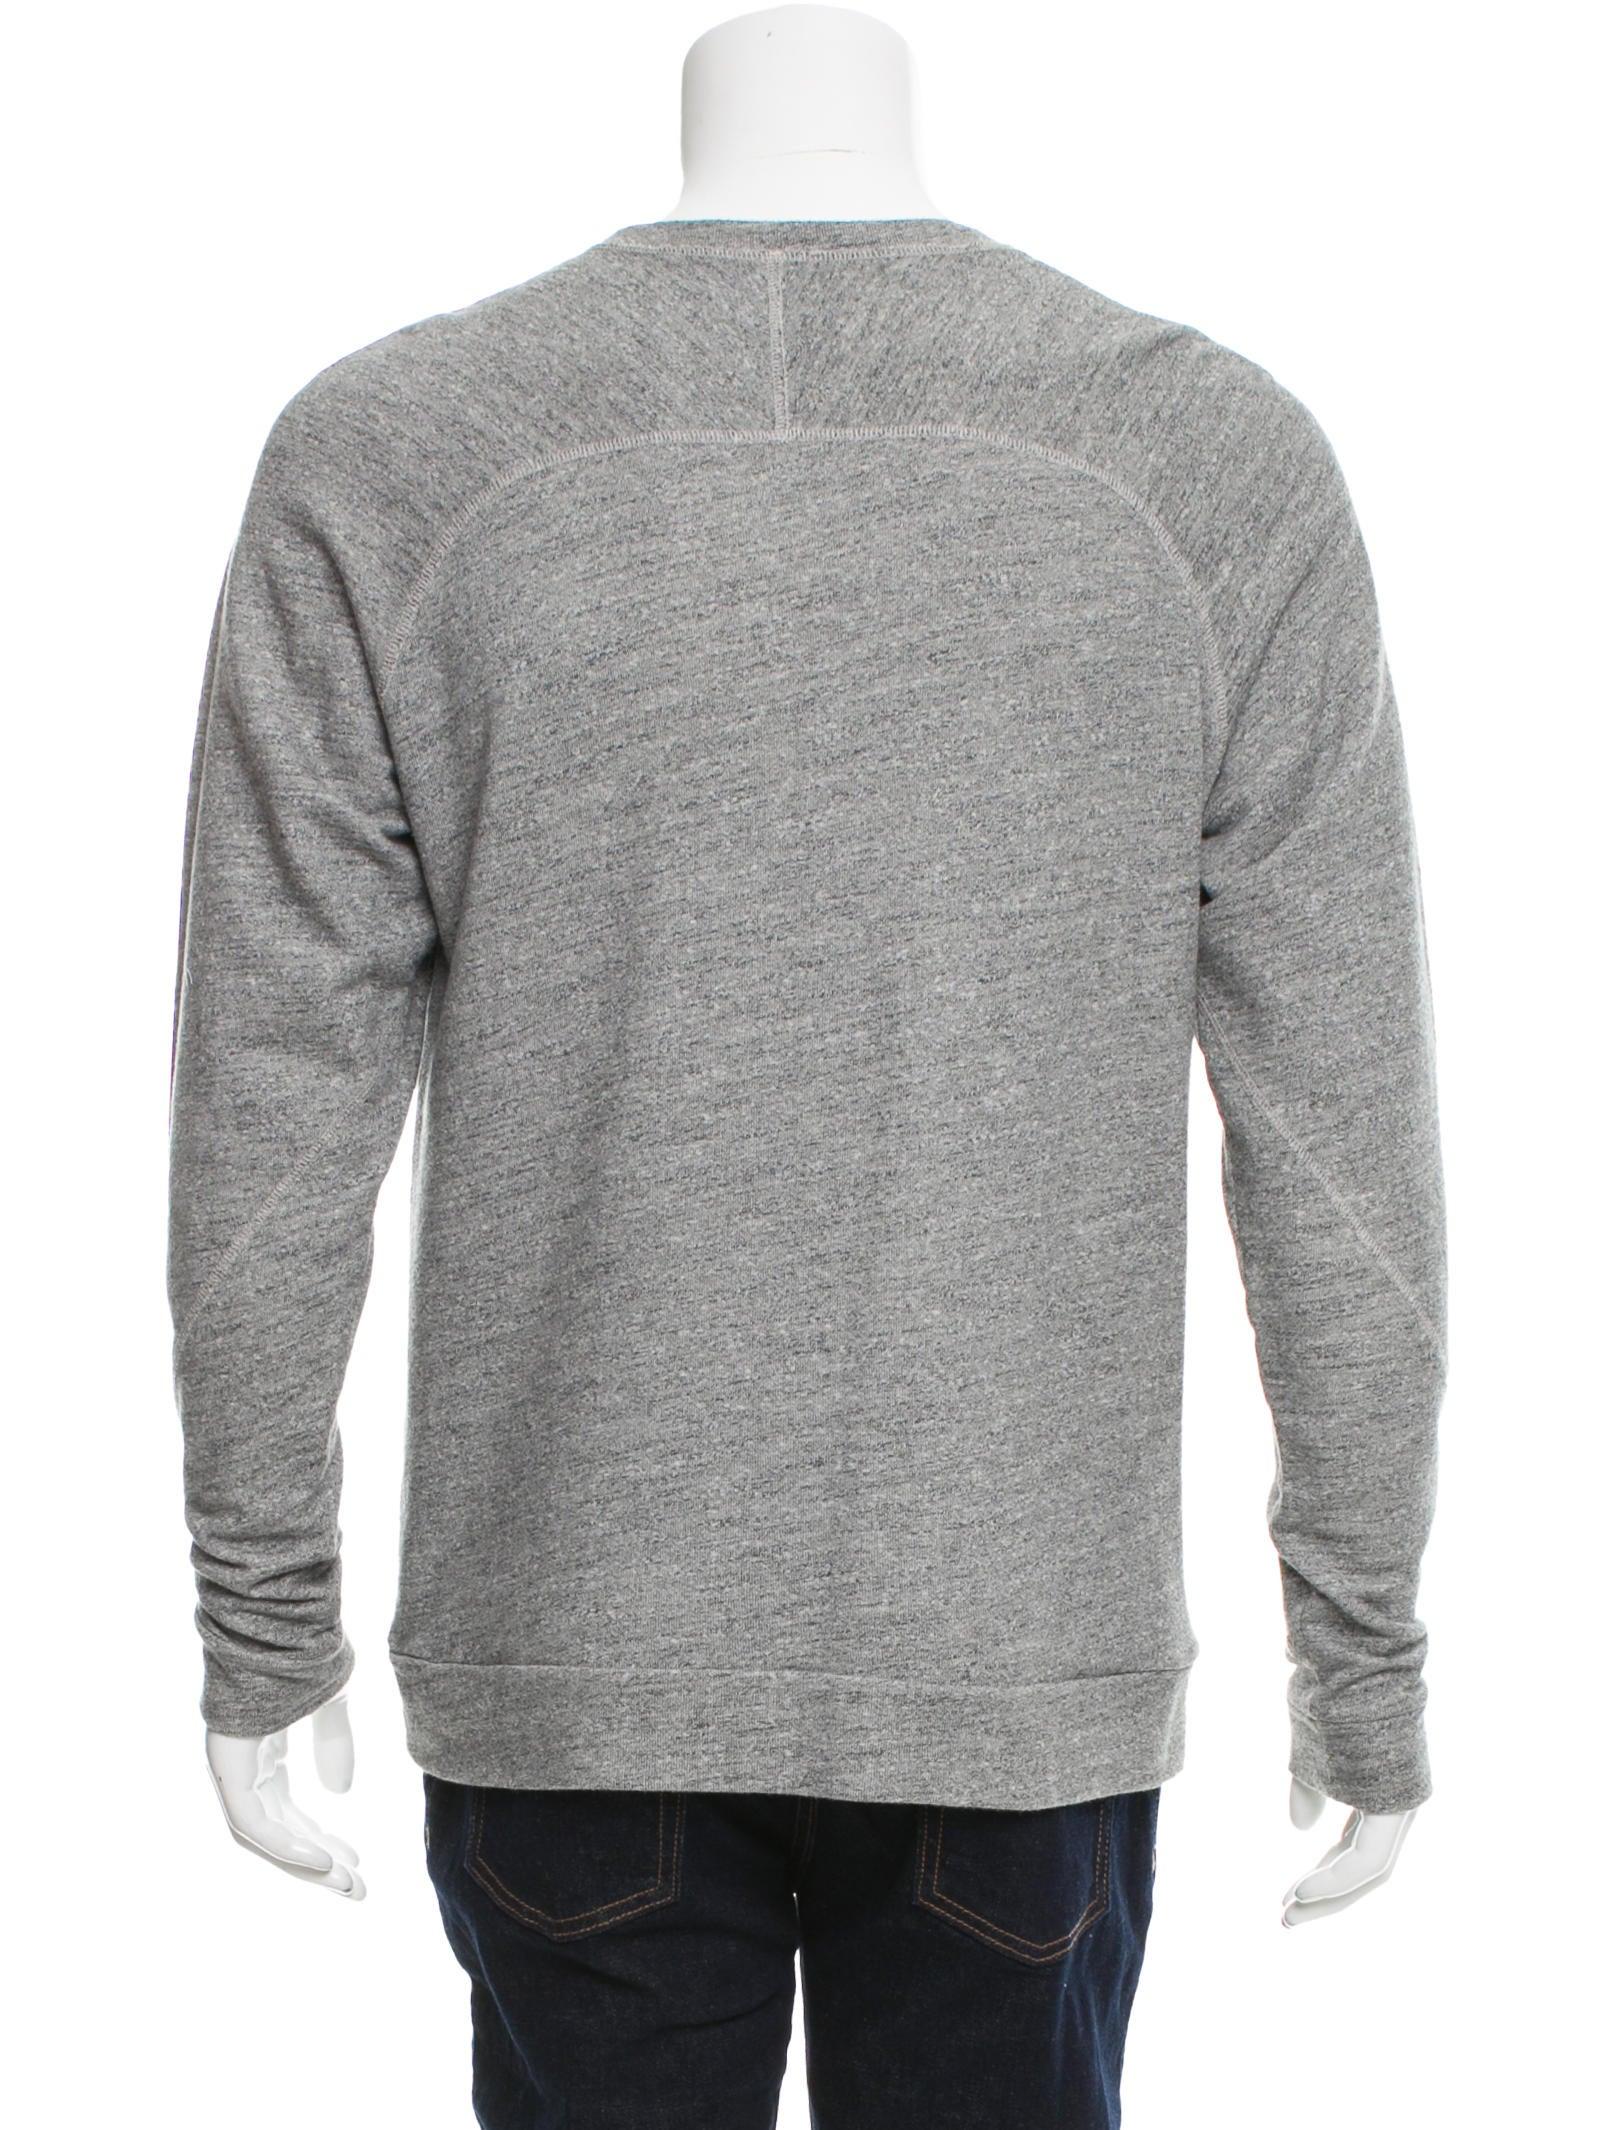 Houndstooth hoodie